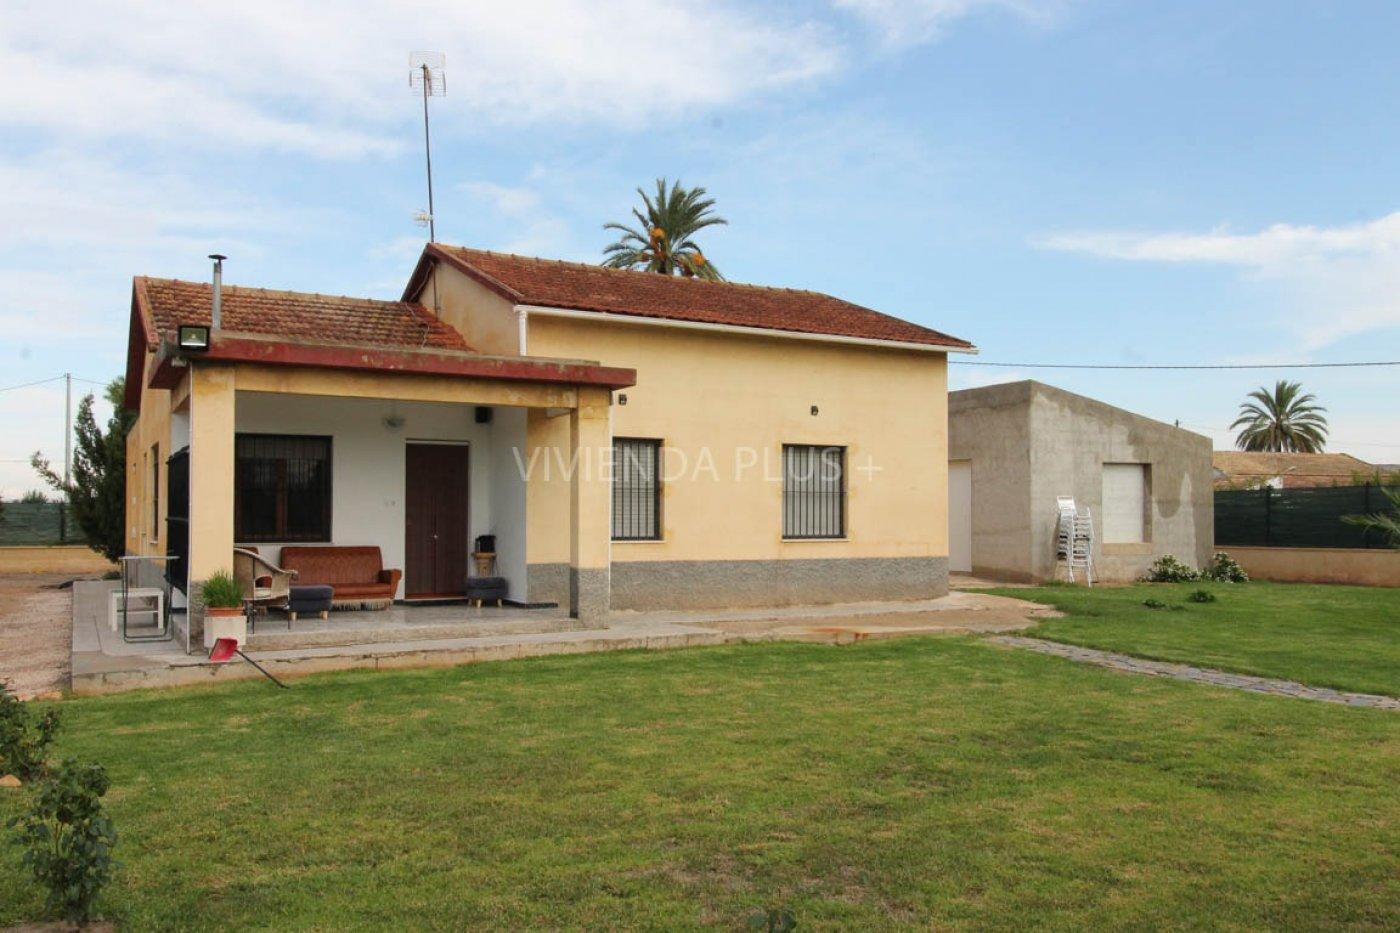 Magnifica casa de campo en partida de la Hoya , junto al pueblo ref7748A